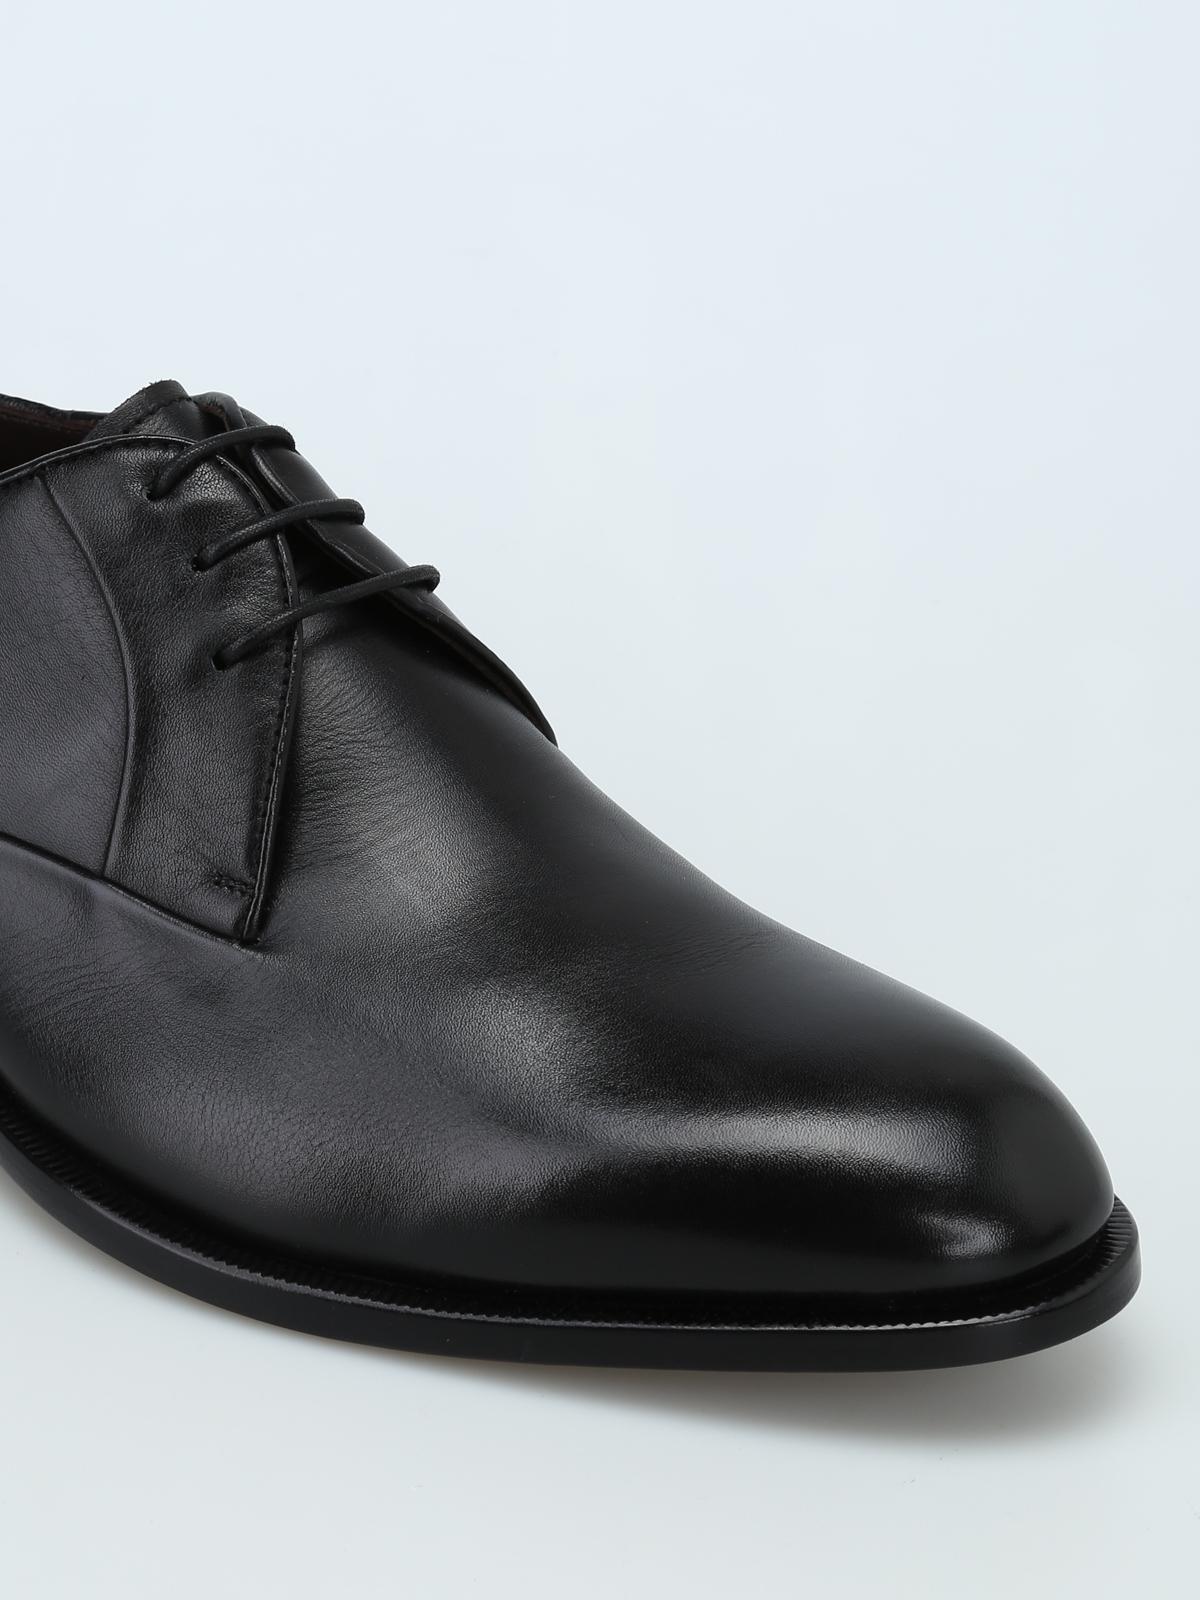 dec185f821 Ermenegildo Zegna - Zapatos Clásicos - Negro - Clásicos - A2606XMTSNER